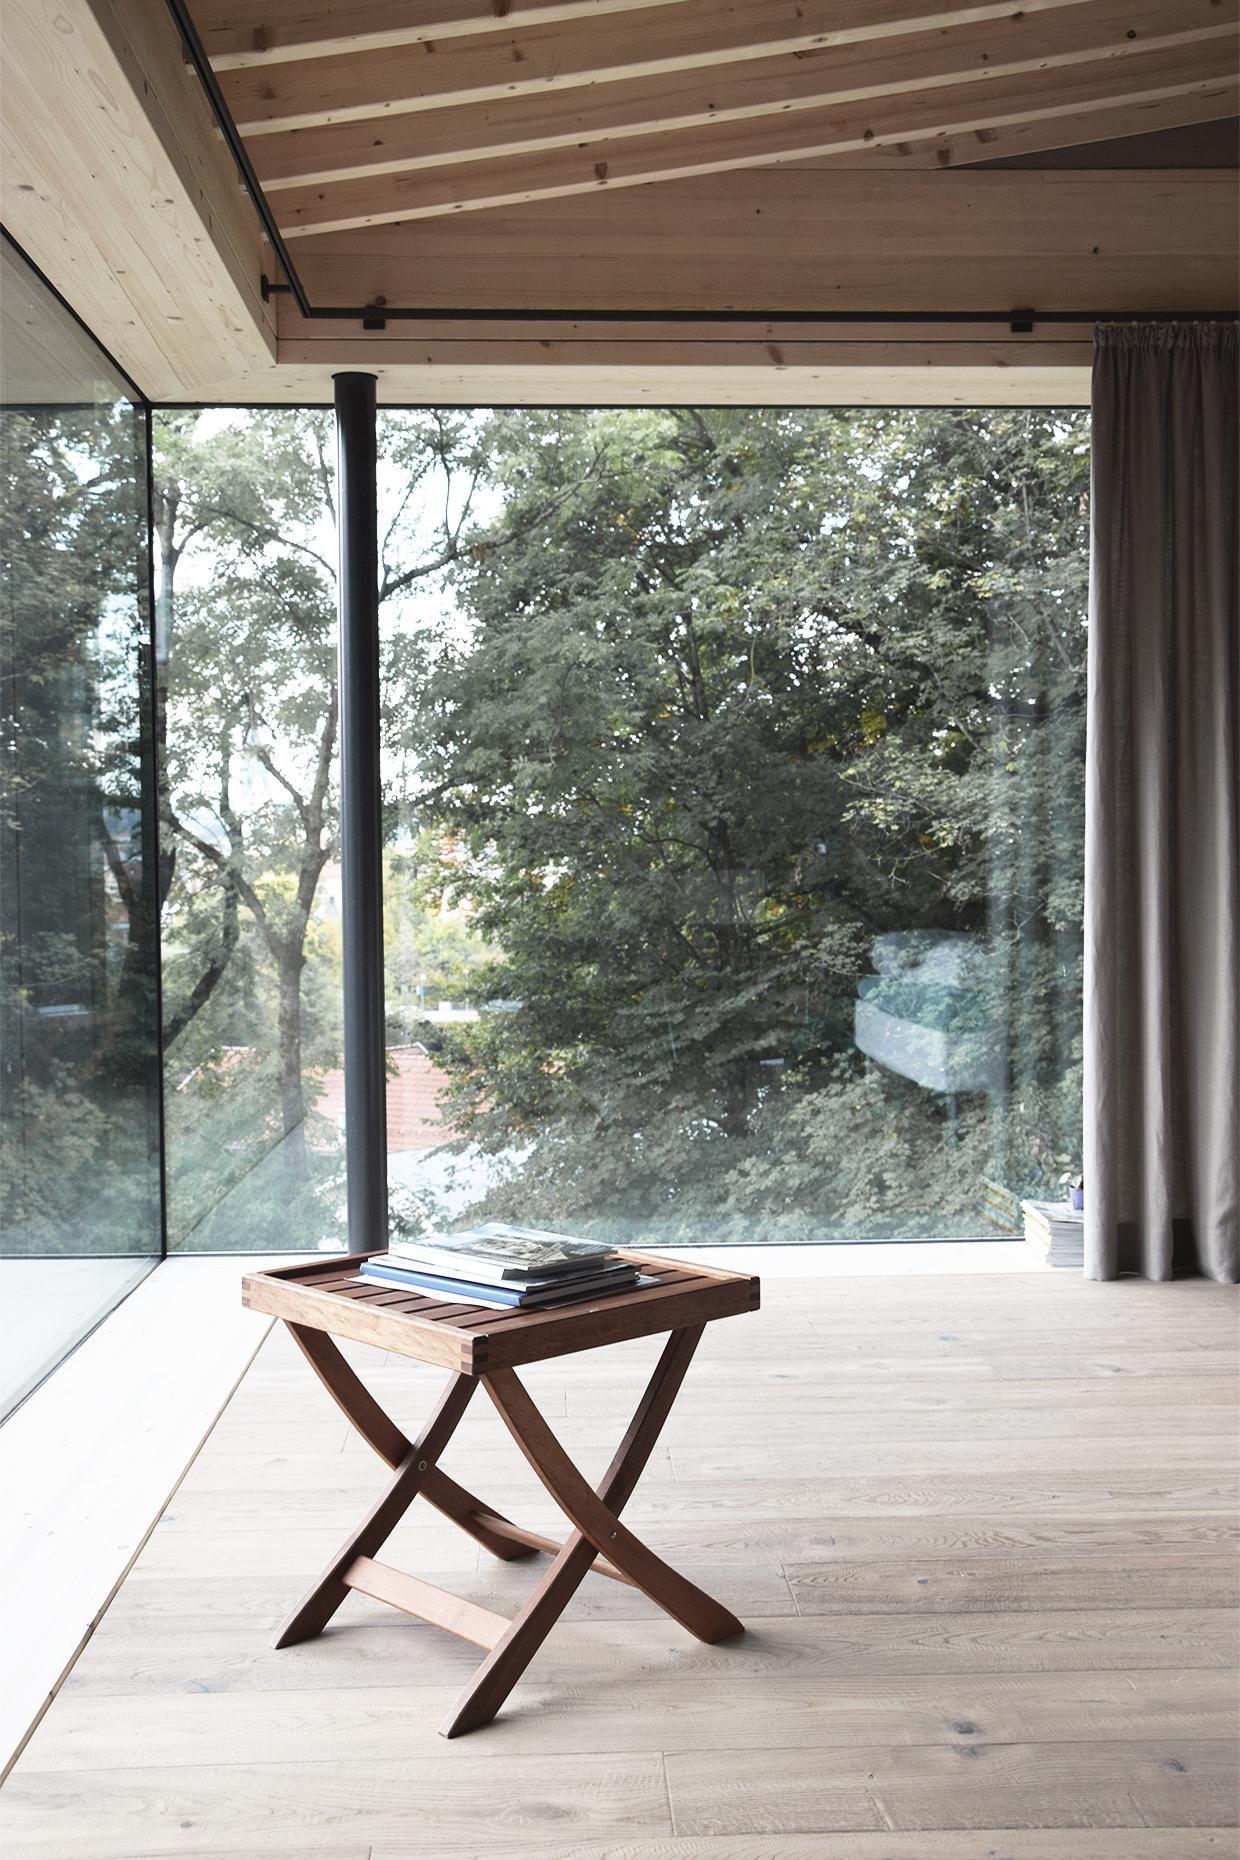 Michael-Becker-Architects-Architekten-Haus-sf-05